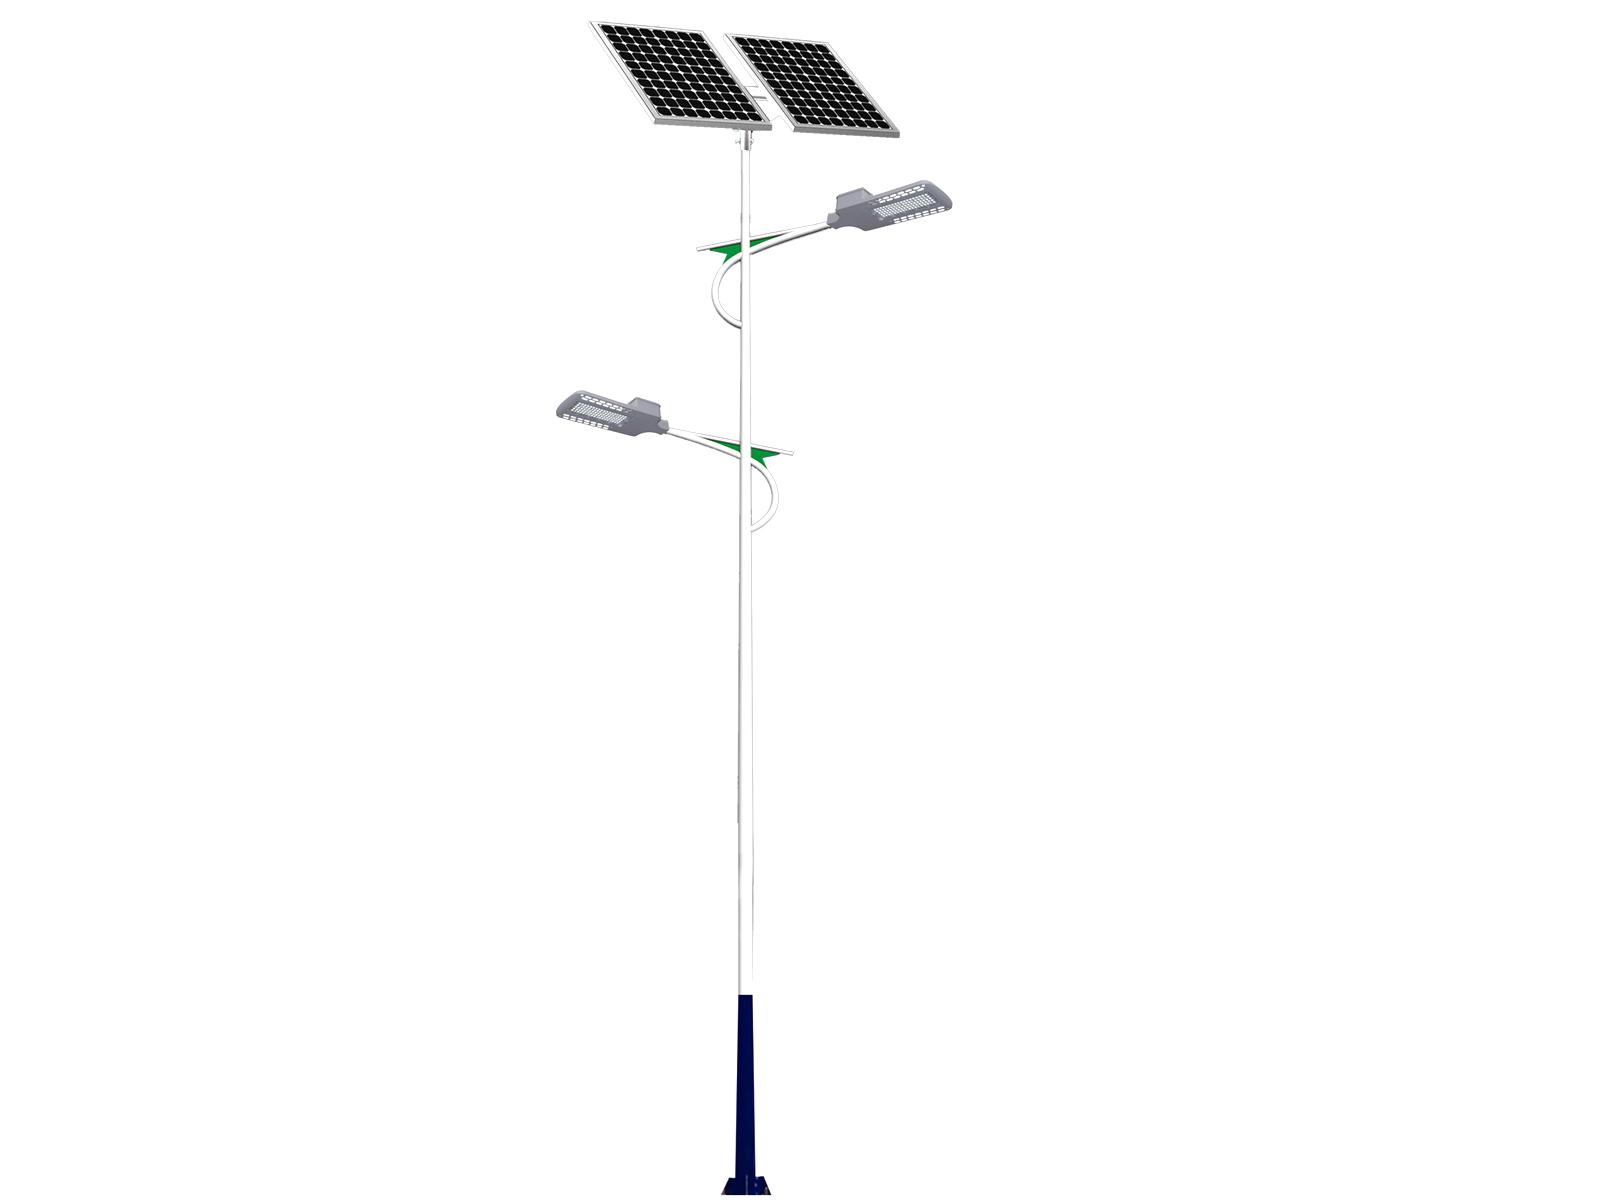 8米太阳能路灯_8米太阳能路灯价格_8米太阳能路灯厂家